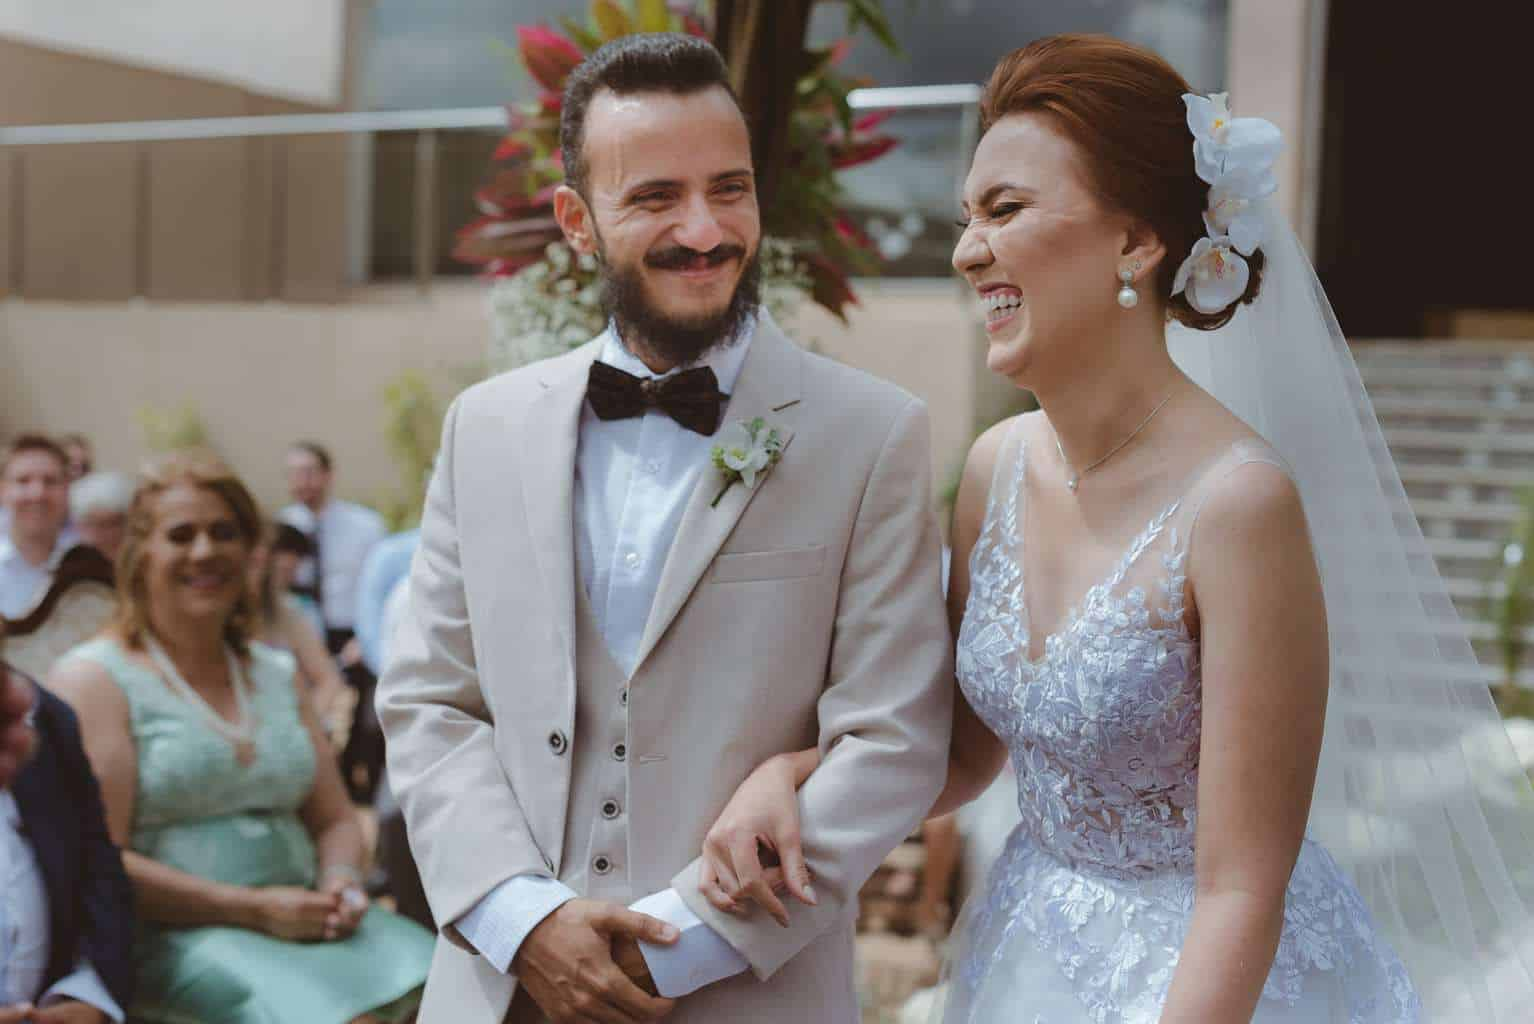 casamento-ao-ar-livre-casamento-boho-casamento-geek-casamento-rustico-casamento-Thais-e-Pedro-cerimônia-decor-cerimônia-Revoar-Fotografia-Villa-Borghese-Eventos-29